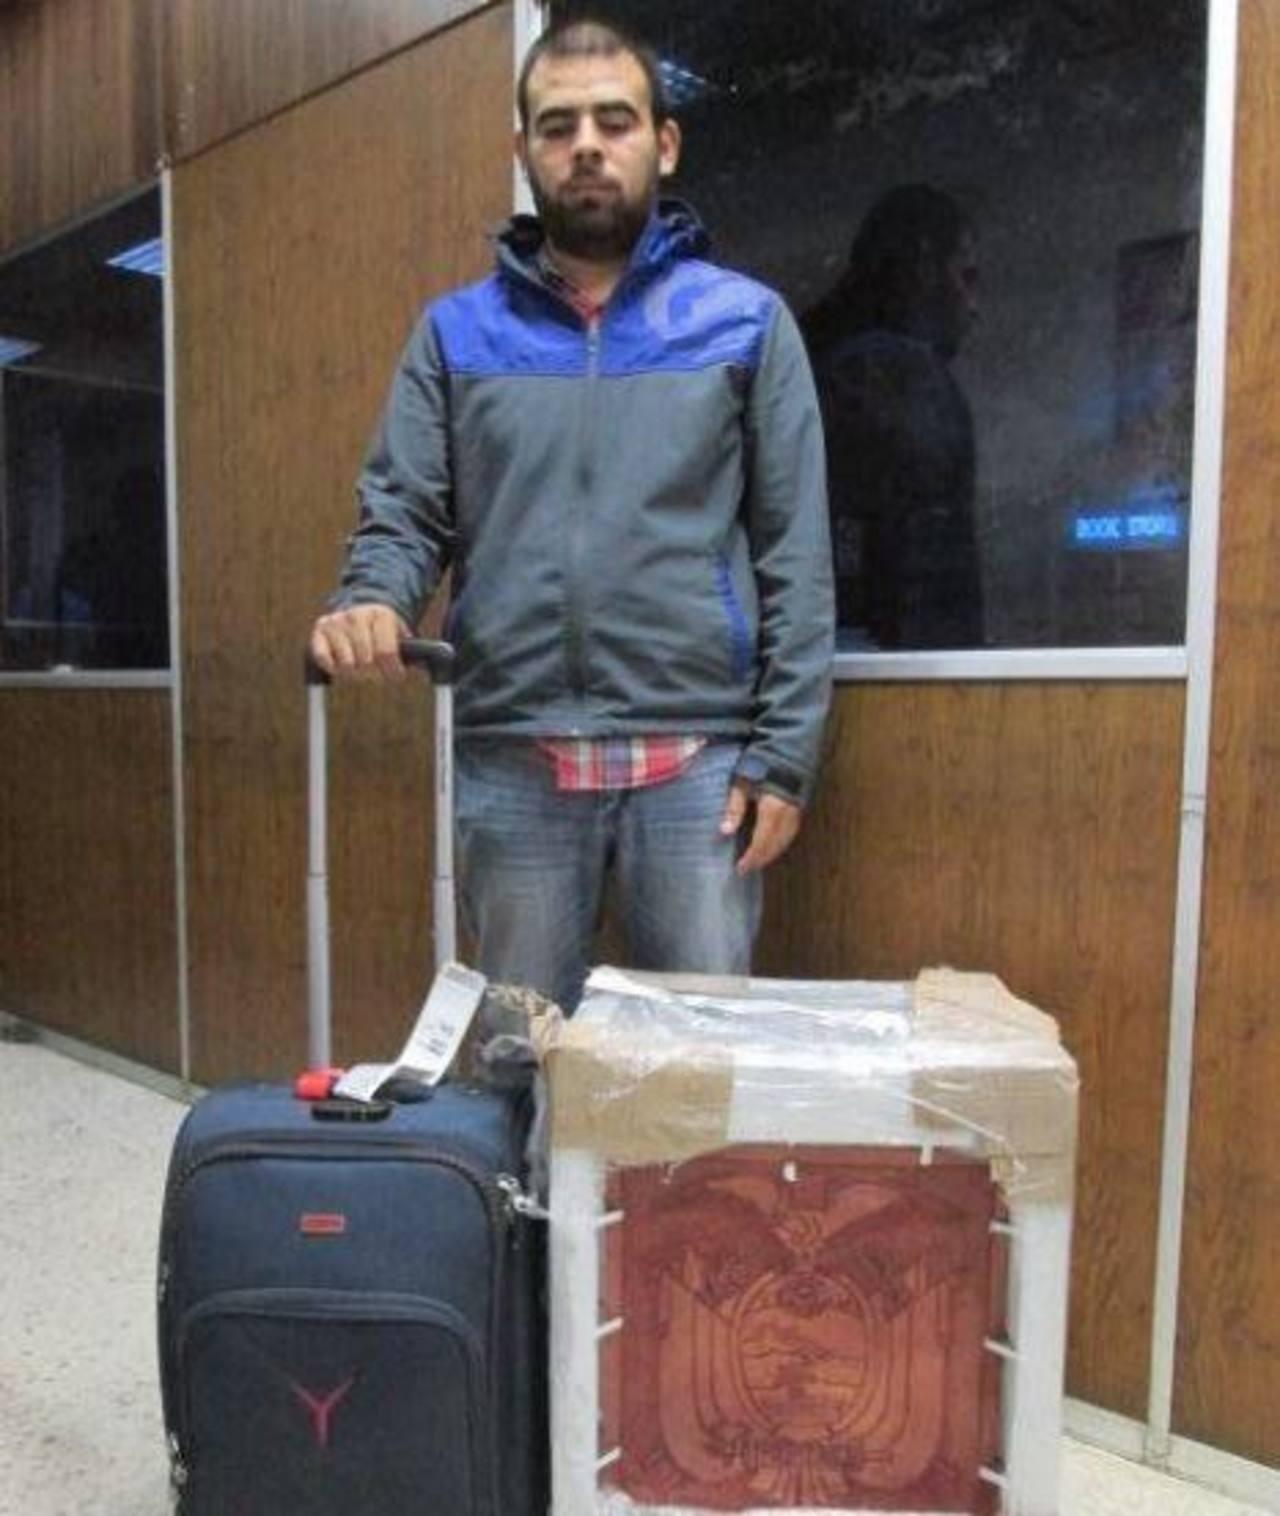 Mexicano detenido por transportar cocaína.